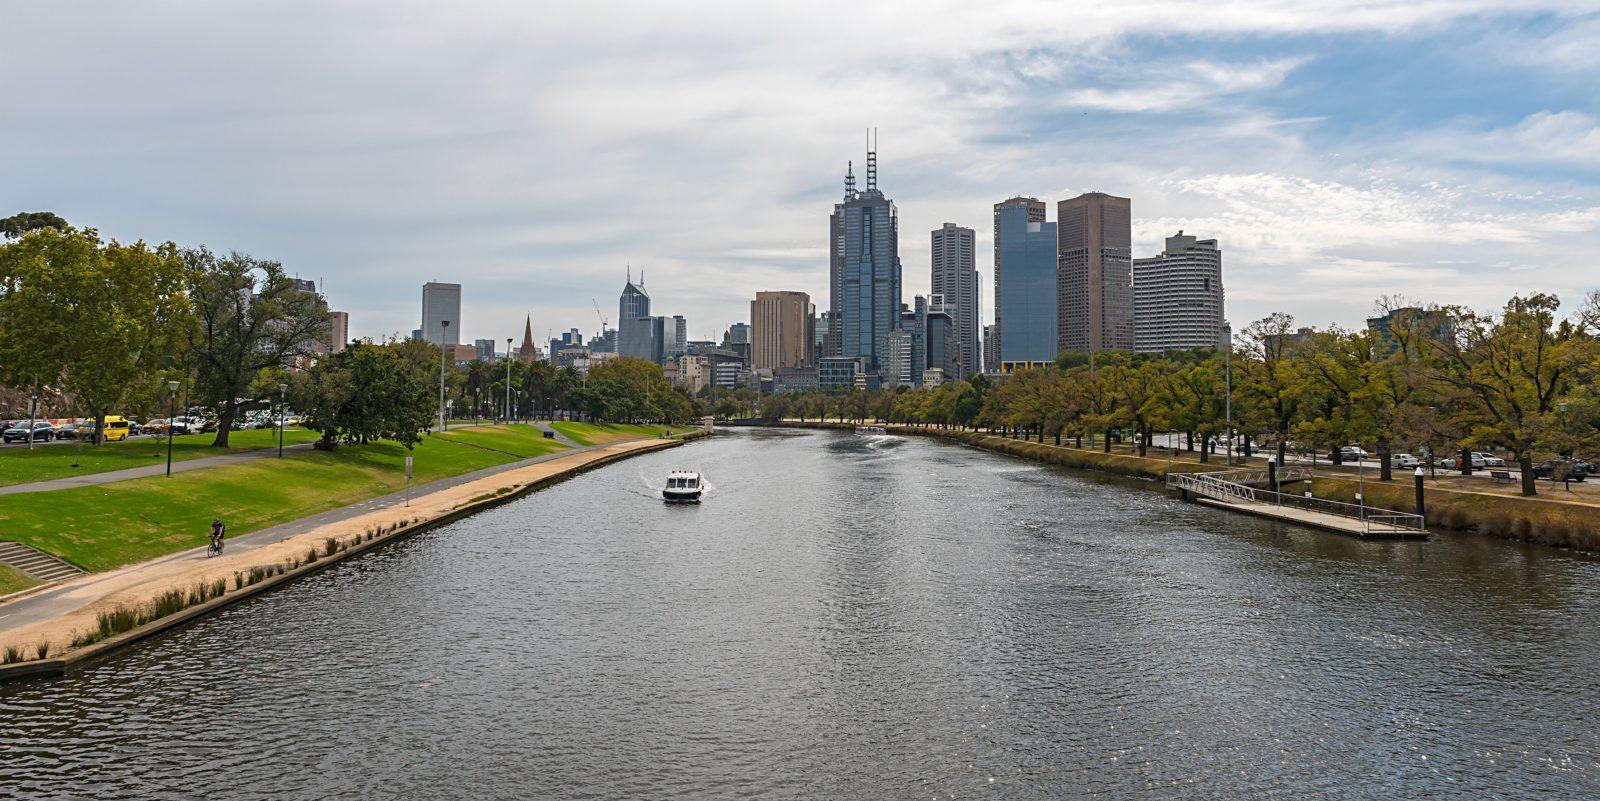 Melbourne's Yarra